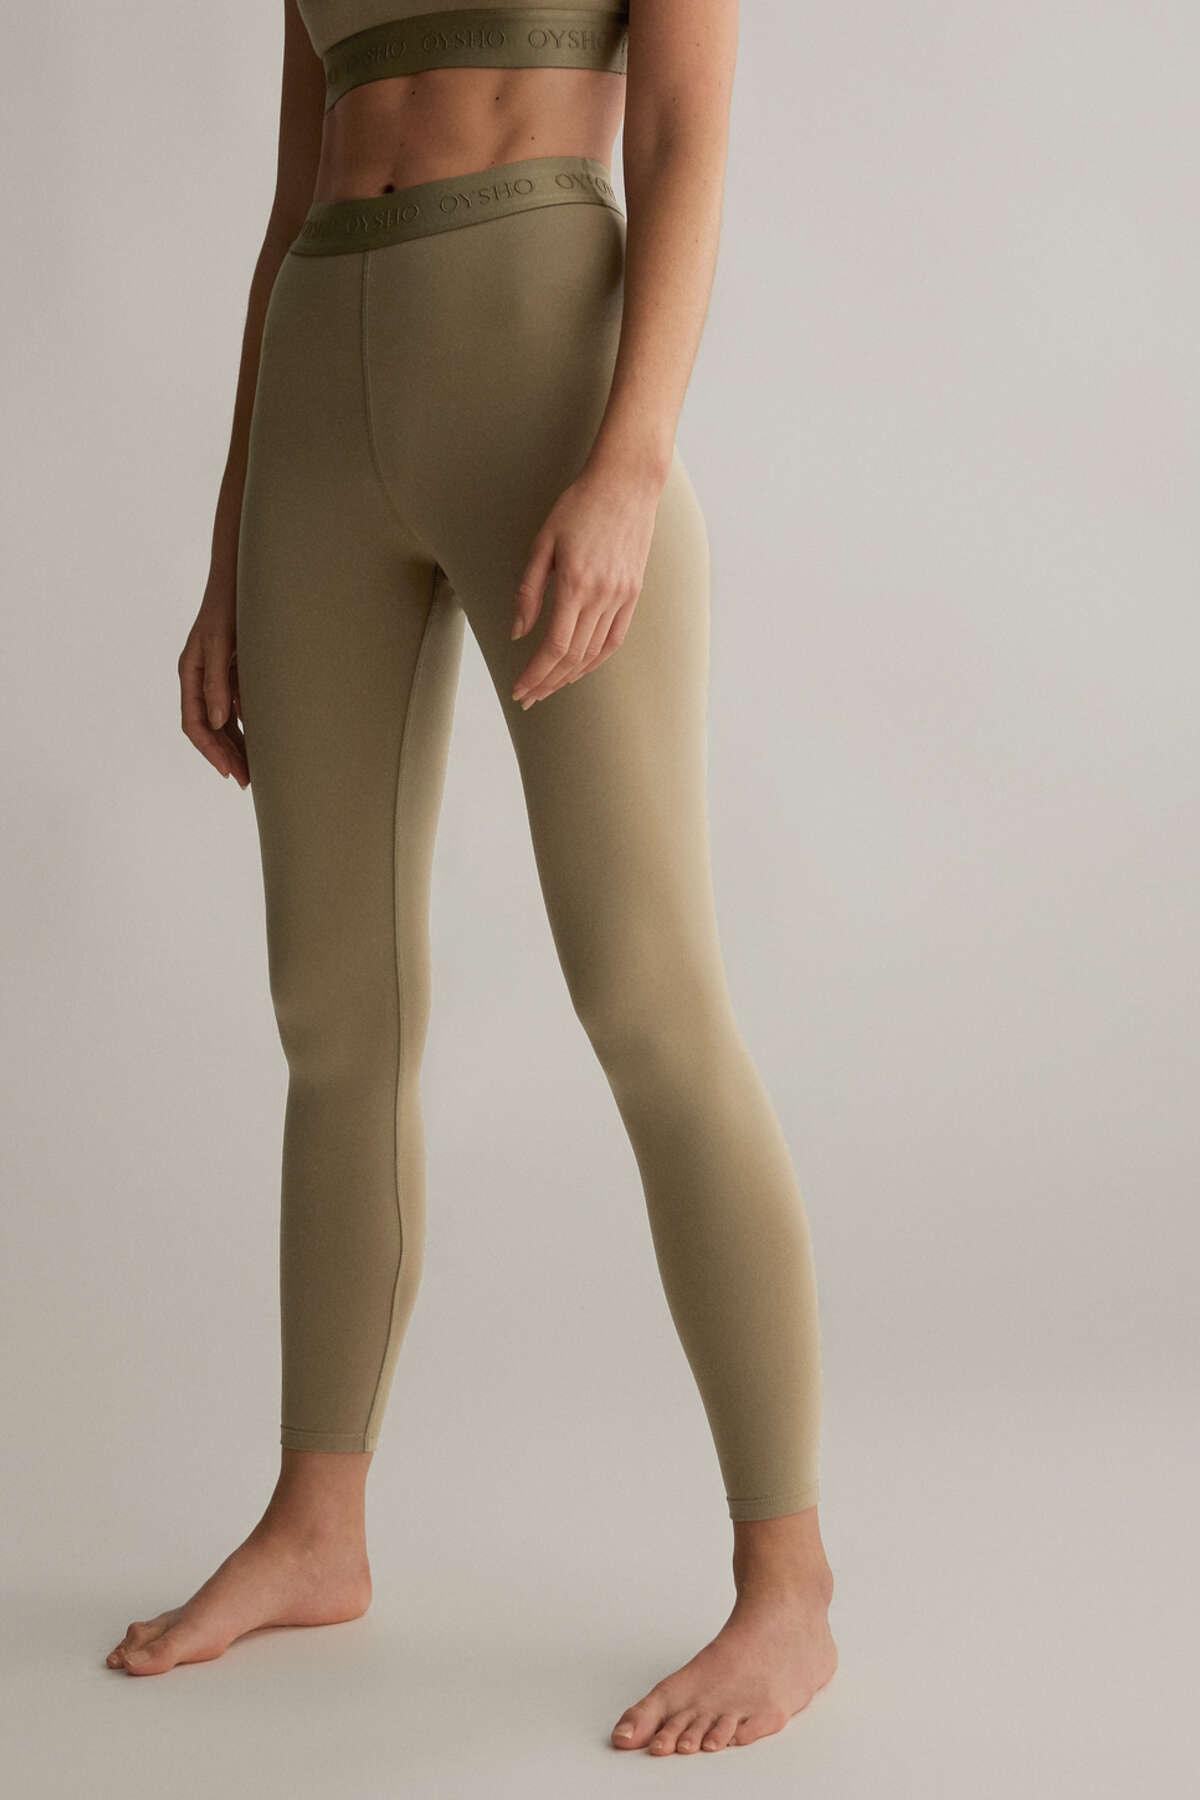 Oysho Bilek Hizasında Comfort Leggings 1